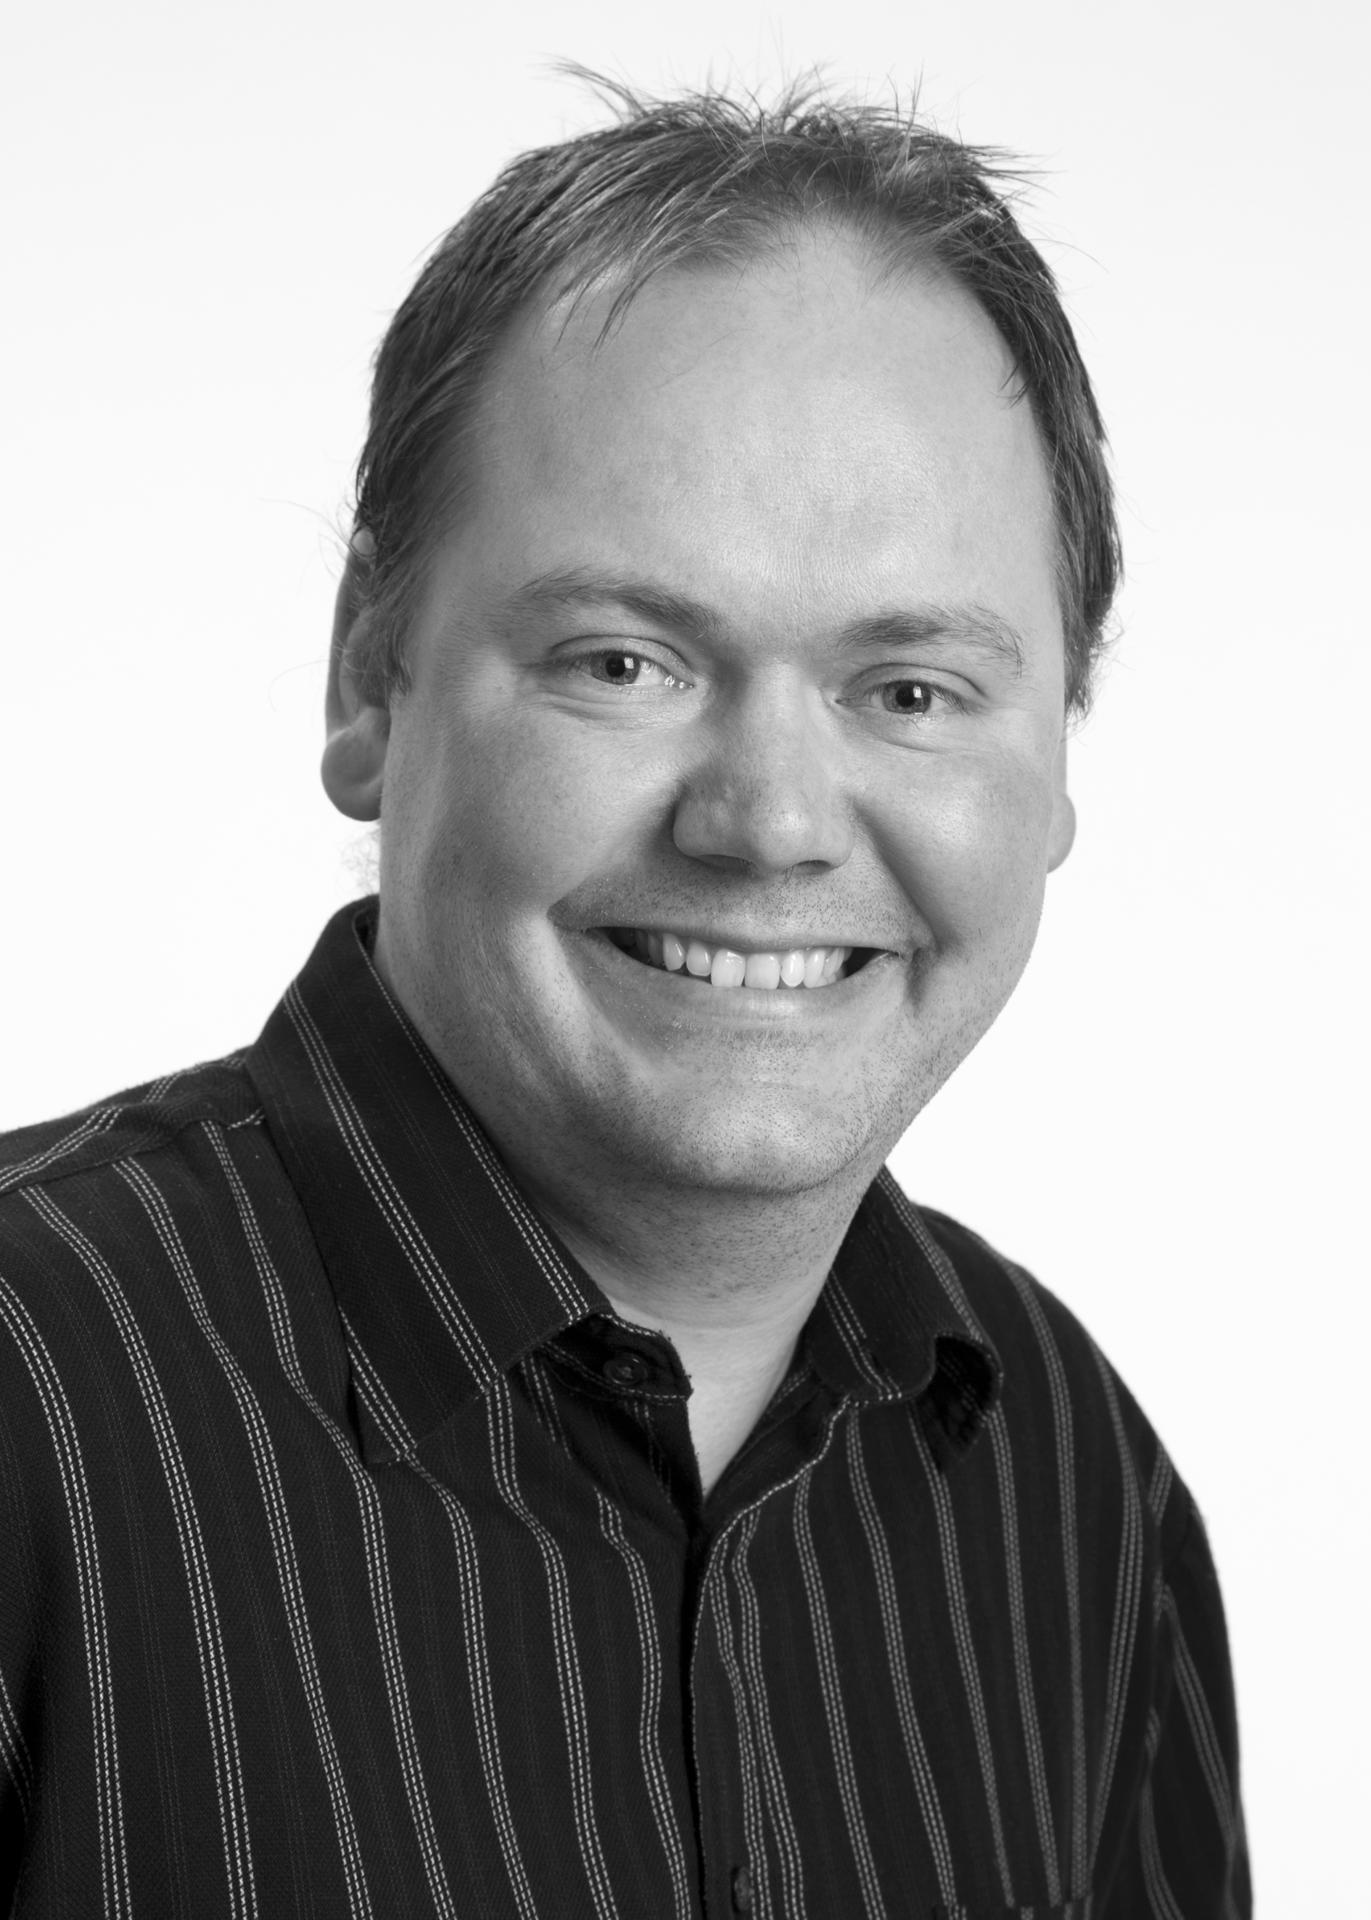 Øyvind Byrkjedal